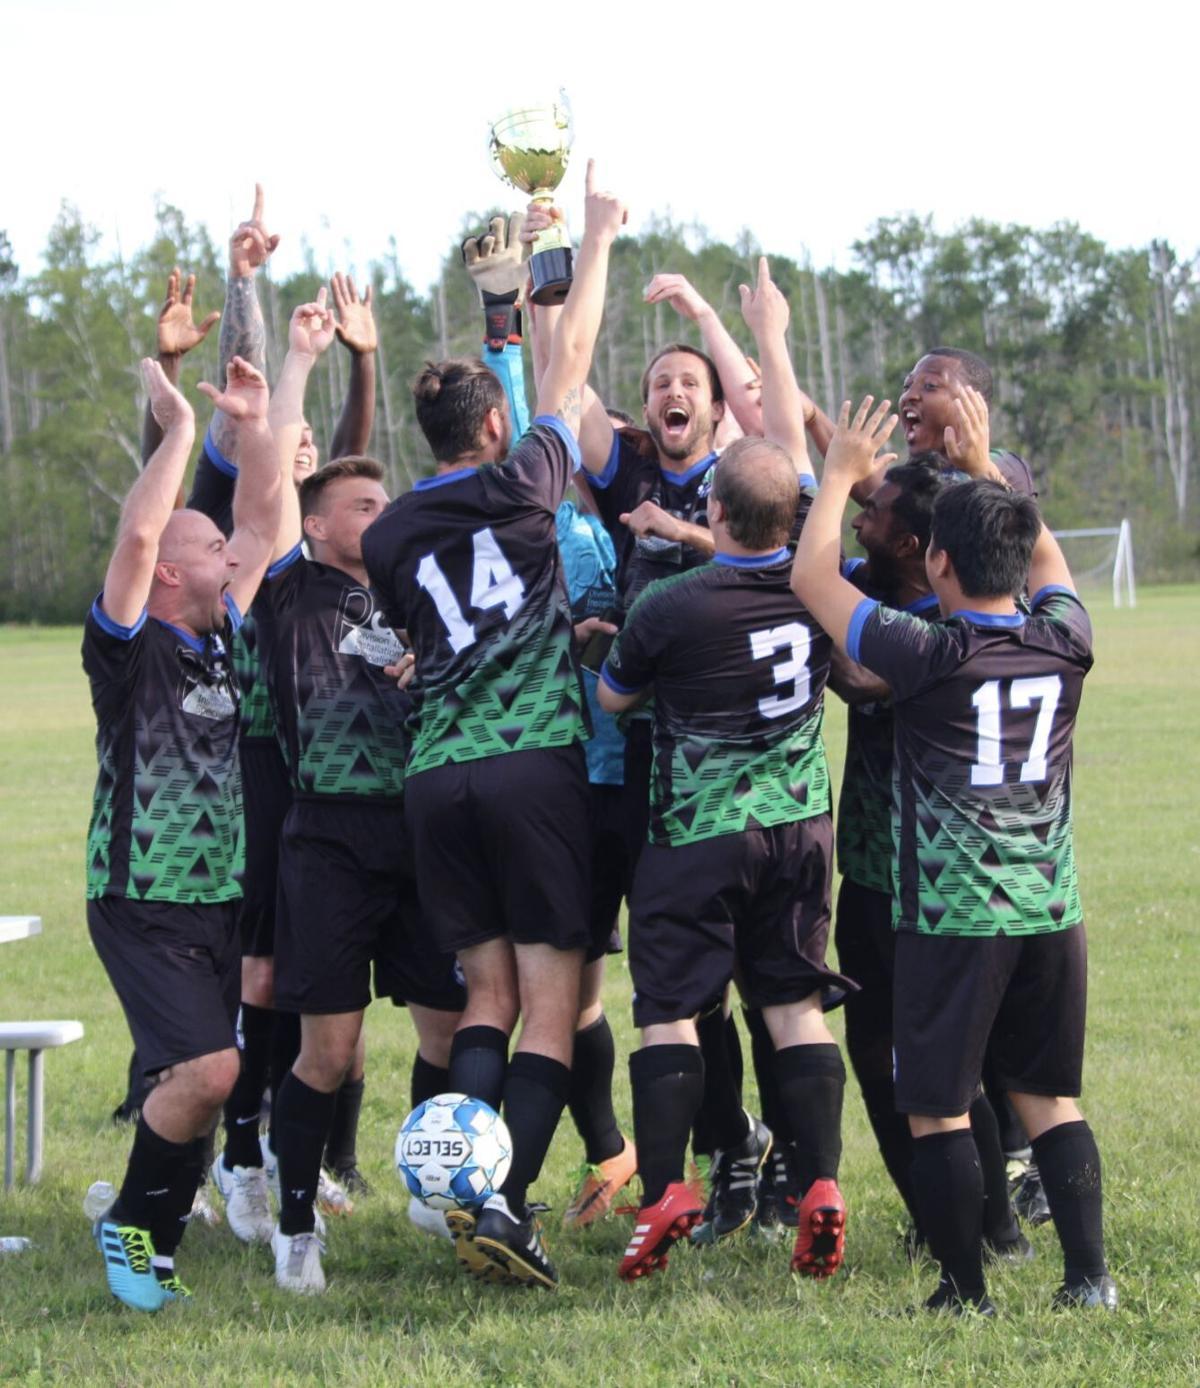 Bateaux FC championship